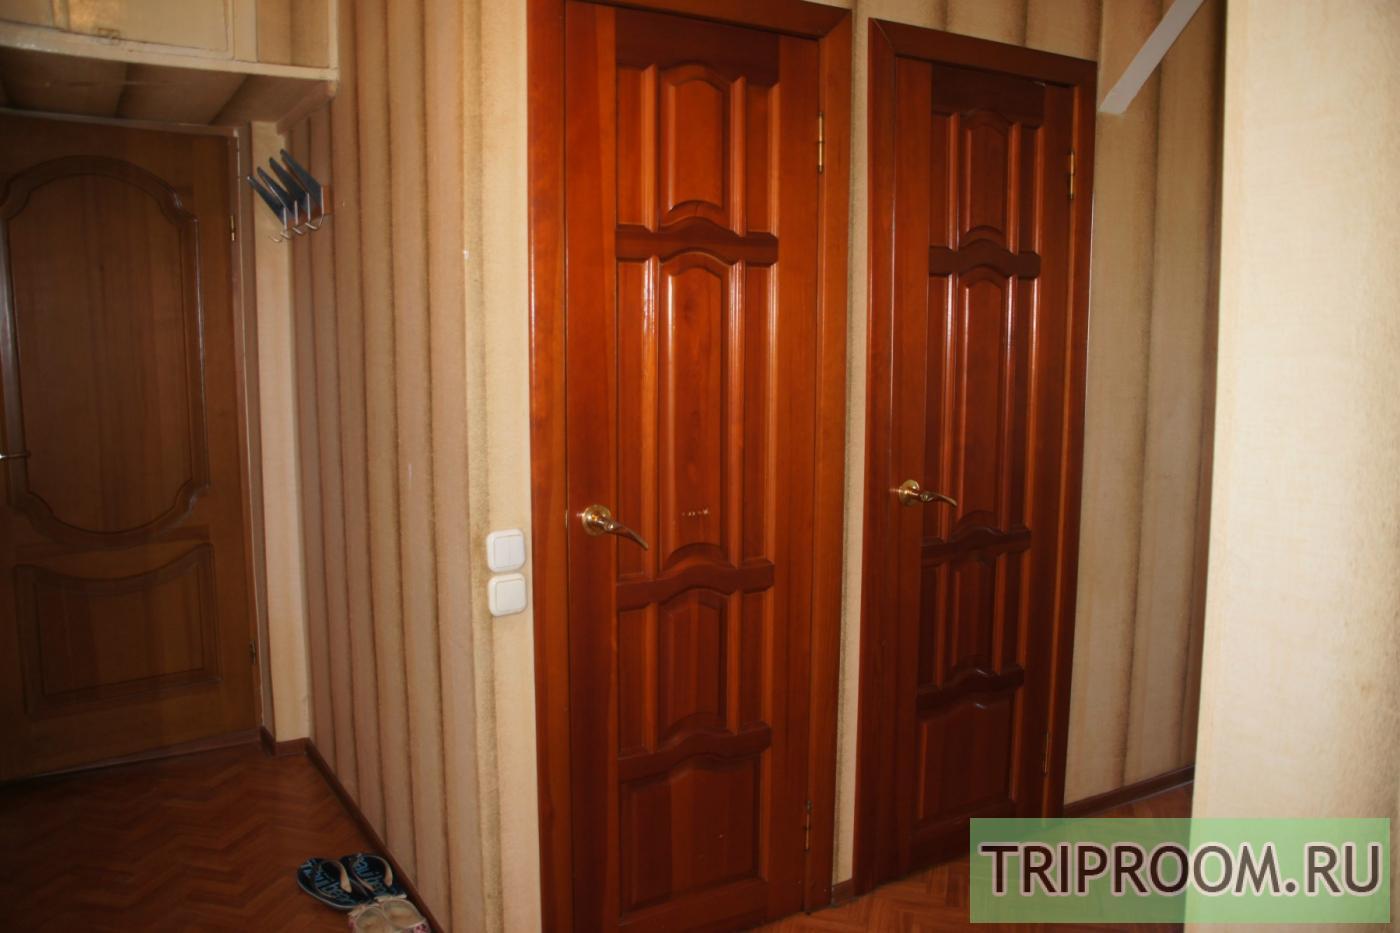 3-комнатная квартира посуточно (вариант № 18694), ул. Рокоссовского улица, фото № 6